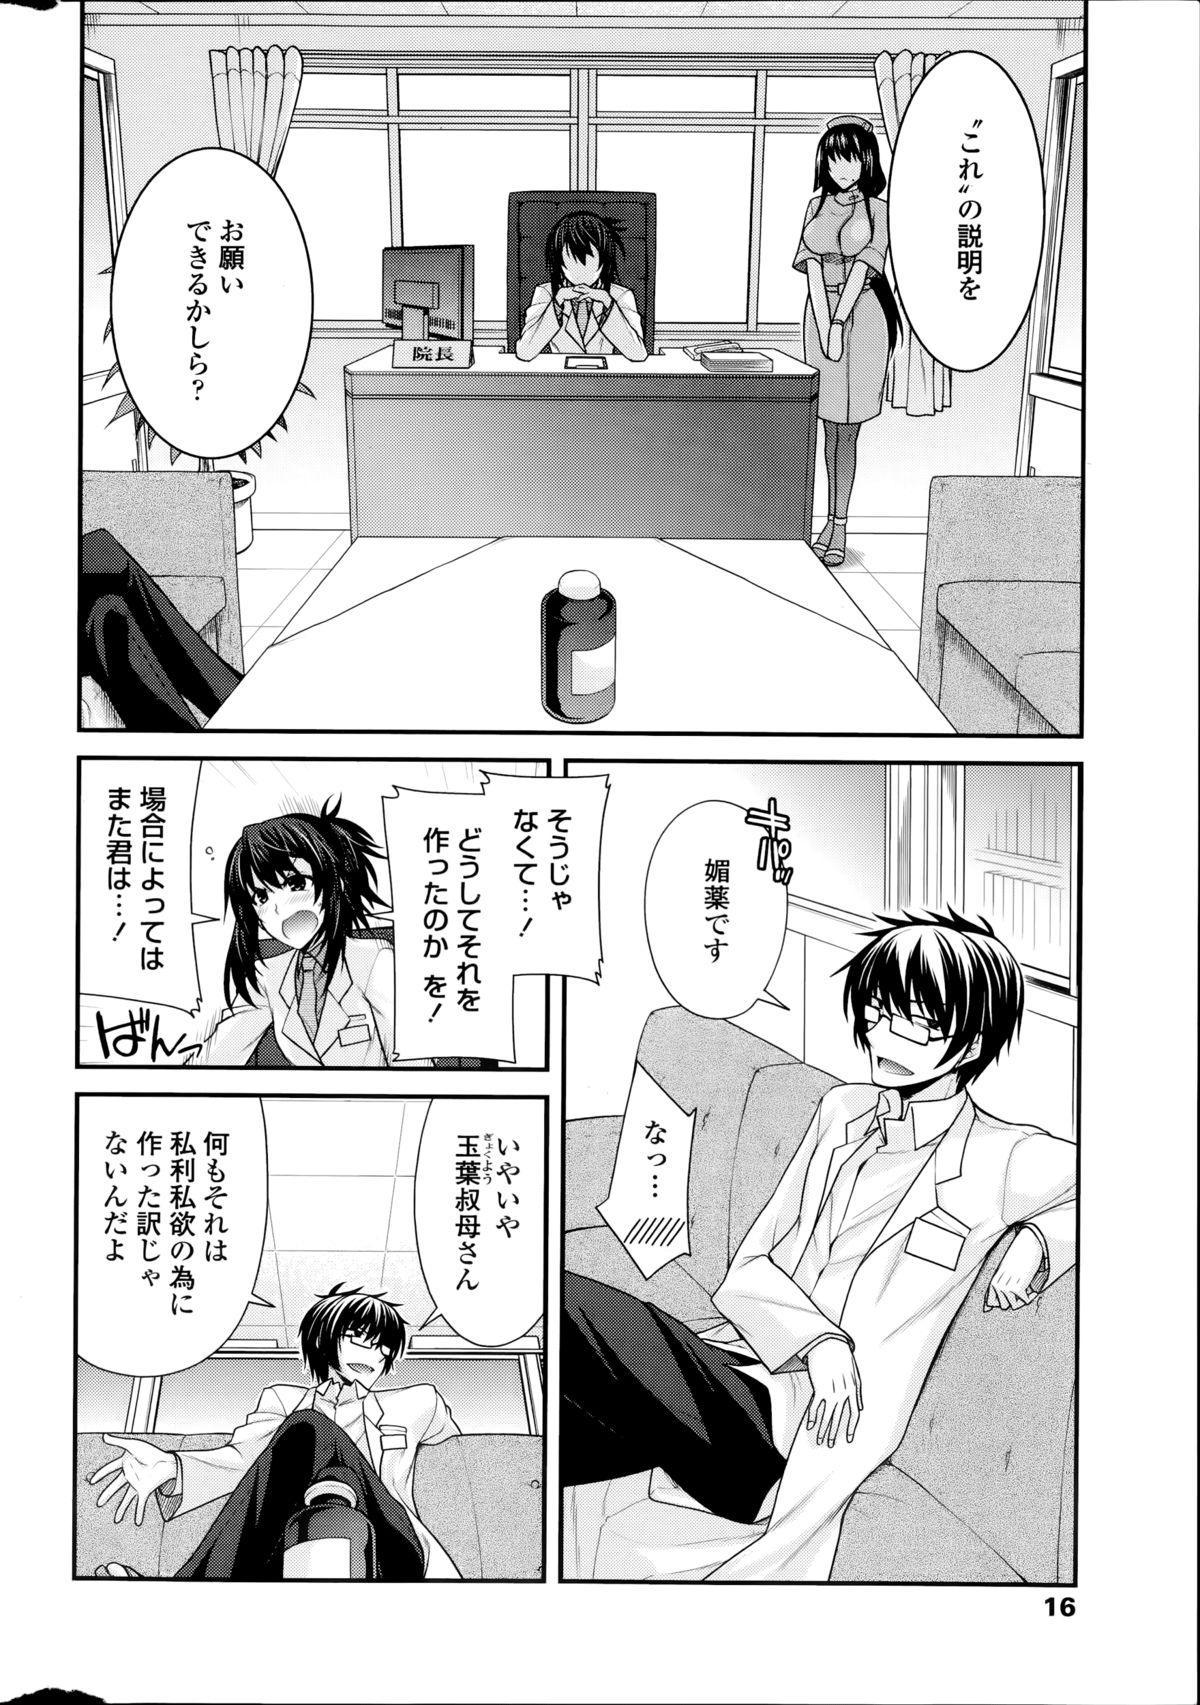 Yumemirukusuri Ch. 1-4 3